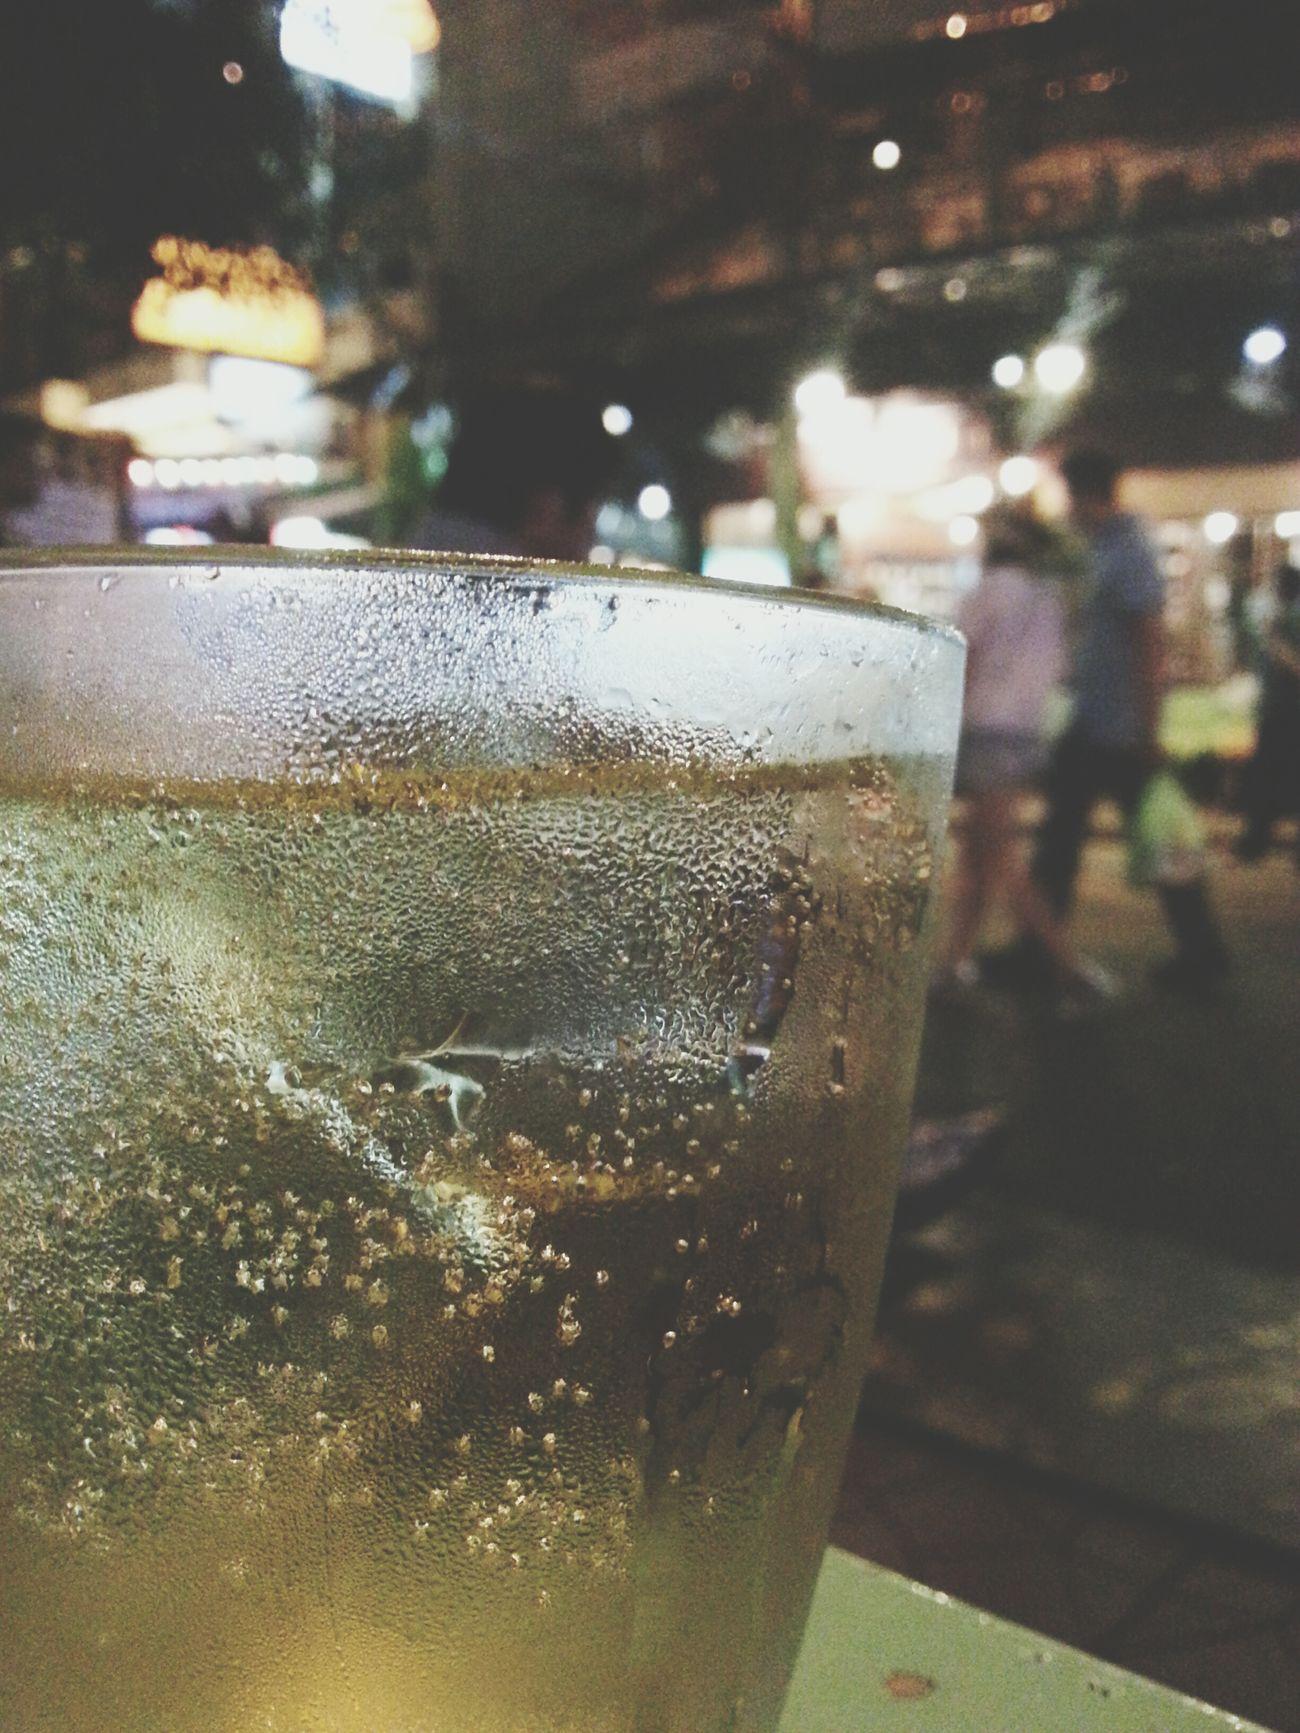 หลงทางมาโผล่นี่ได้ไงก็ไม่รู้ ดื่มน้ำเย็นๆสักแก้ว Night Out Partying Friends Drinking Drinks Hanging Out Night Life Khao San Rd.